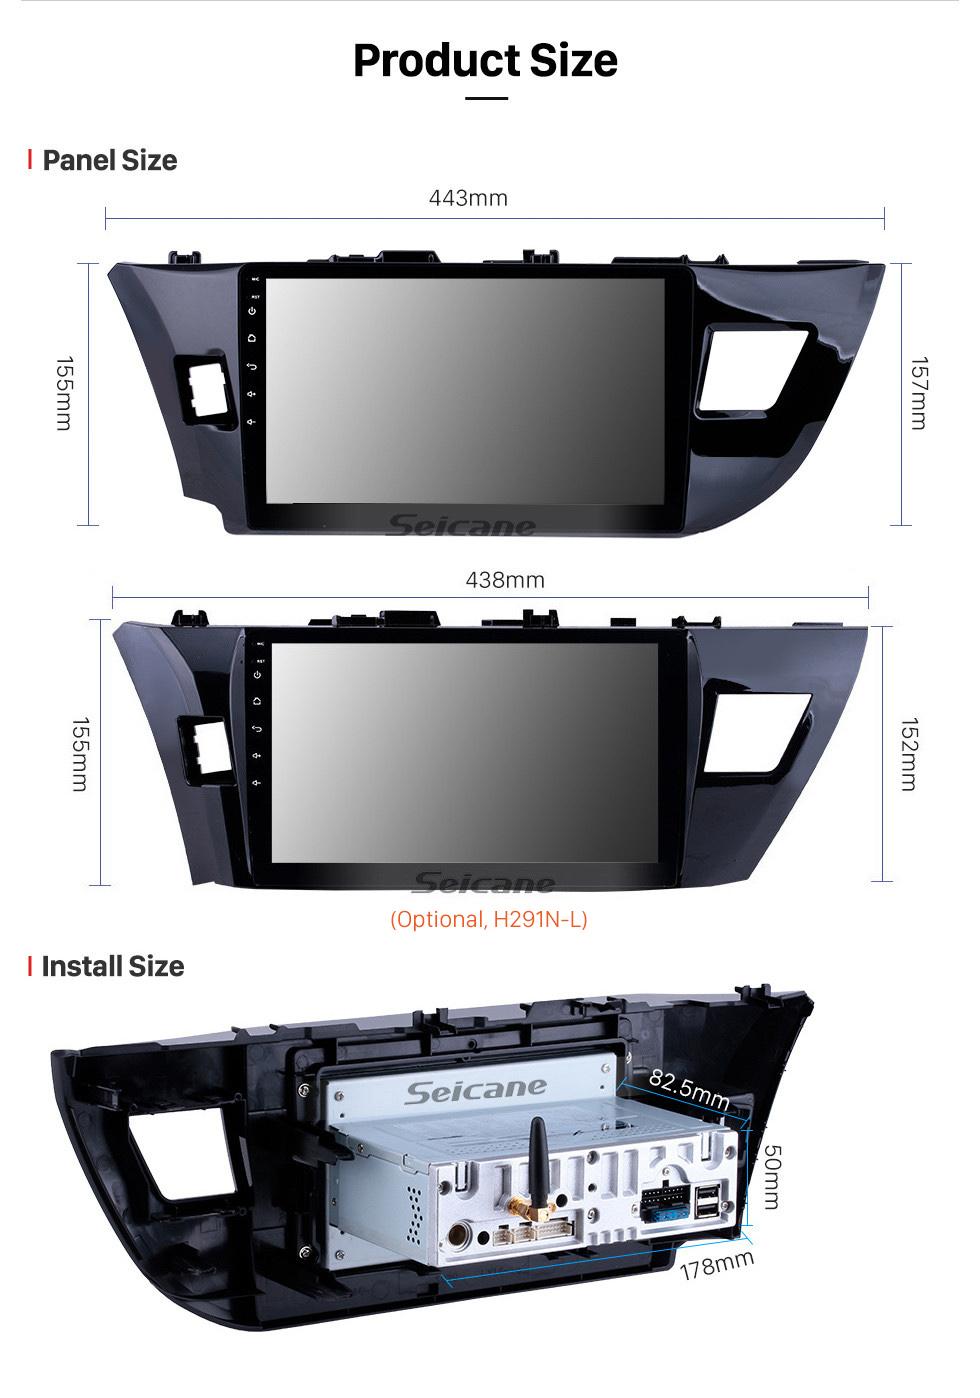 Seicane 10.1 pouces Quad-core Android 10.0 Système de navigation GPS Autoradio pour 2013 2014 2015 Toyota LEVIN Bluetooth HD écran tactile stéréo support OBD DVR Caméra de recul Lien miroir Lecteur DVD TV USB SD 3G WIFI